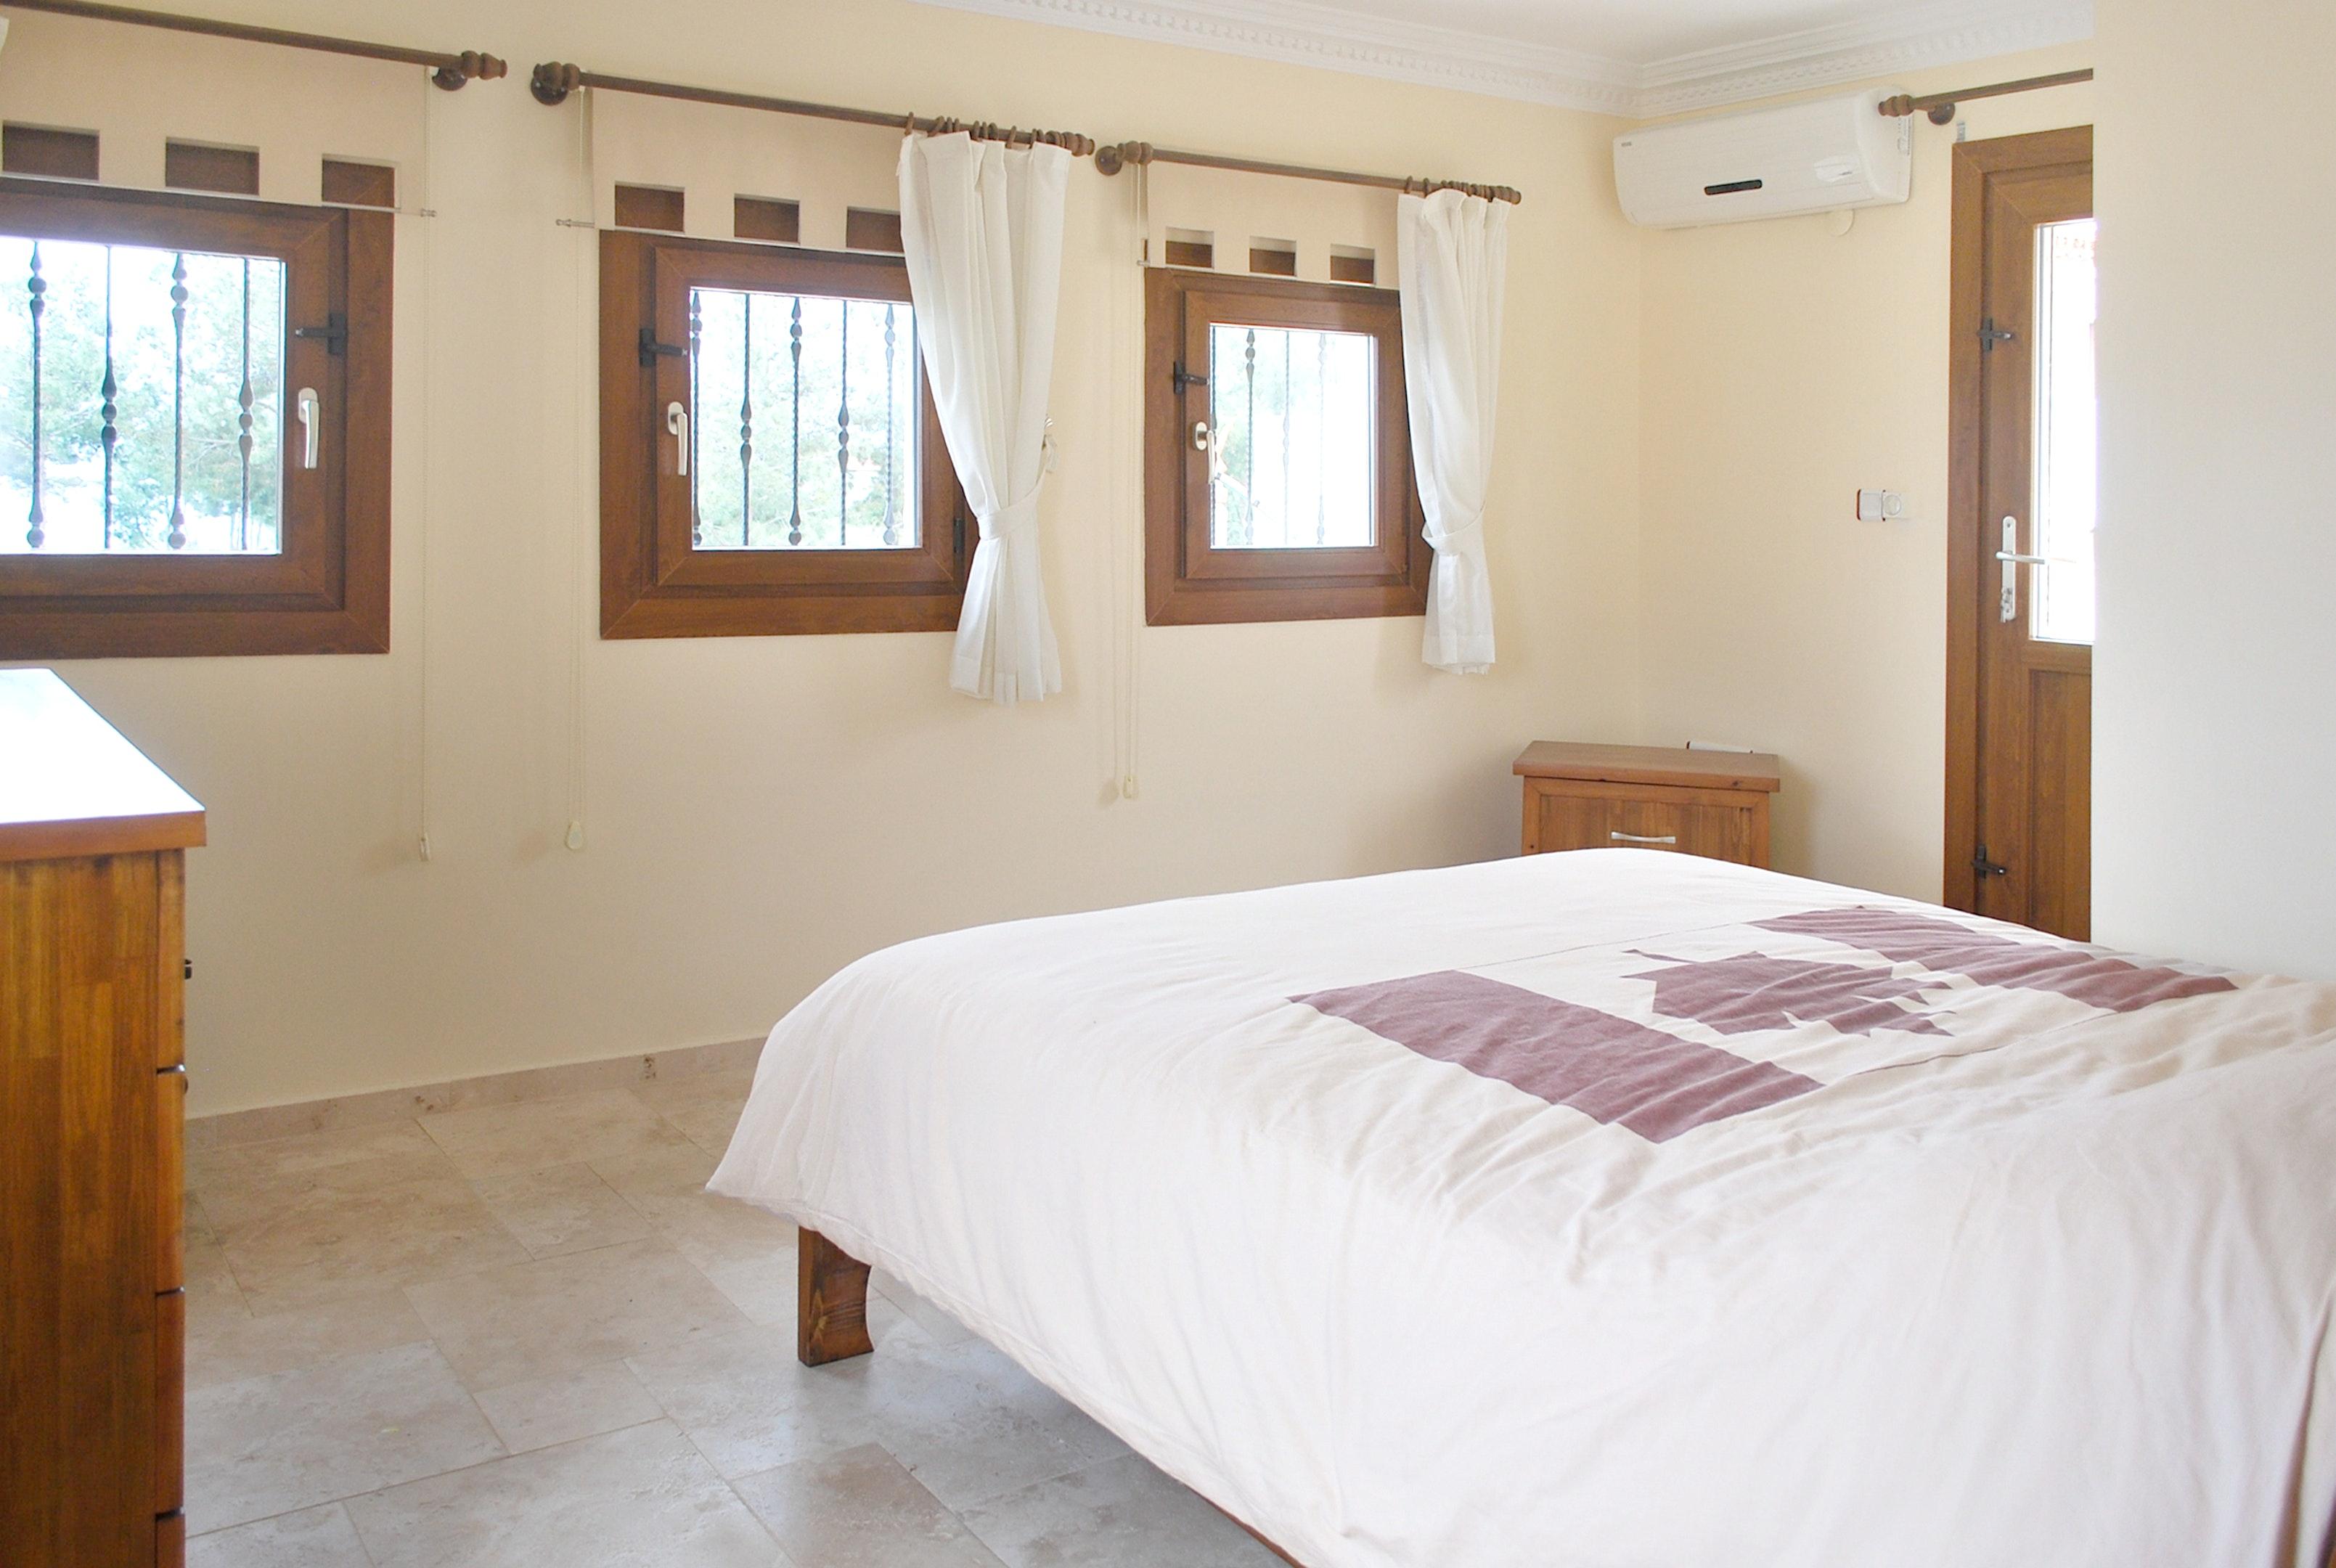 Maison de vacances Haus mit 4 Schlafzimmern in Ku_adas1 mit privatem Pool und eingezäuntem Garten - 2 km vo (2236746), Kuşadası, , Région Egéenne, Turquie, image 12